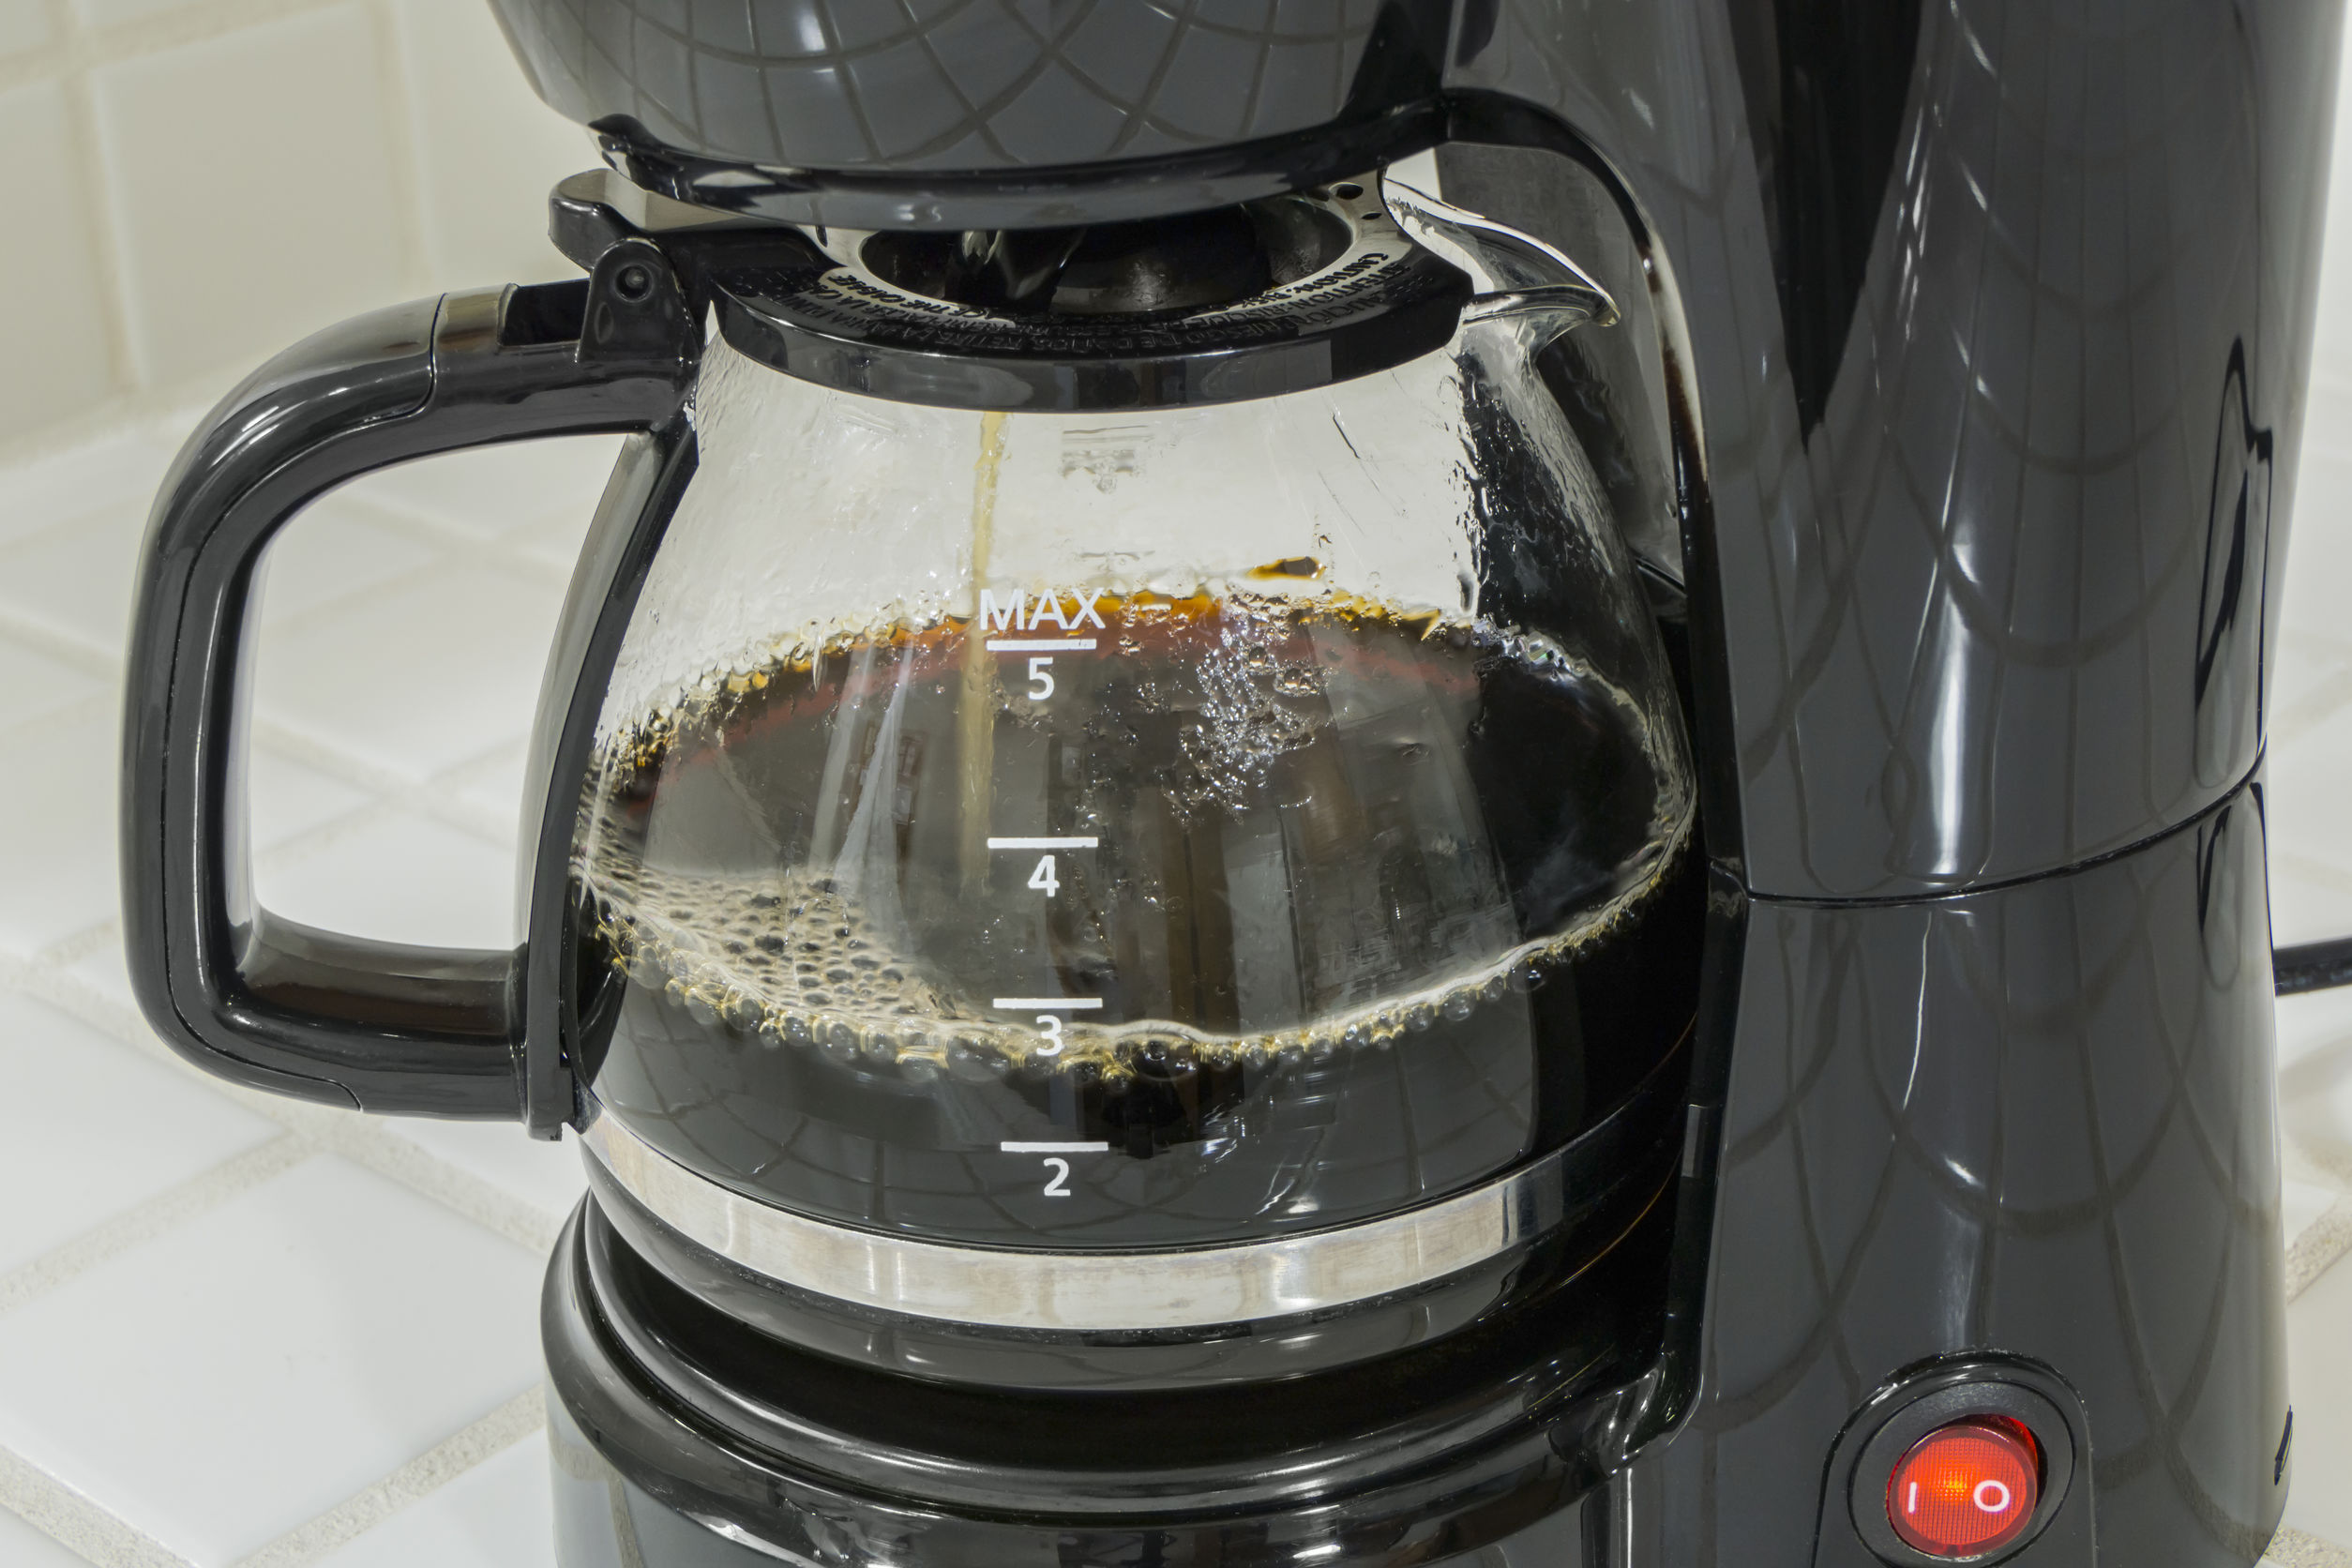 WMF Kaffeemaschine: Test & Empfehlungen (04/21)